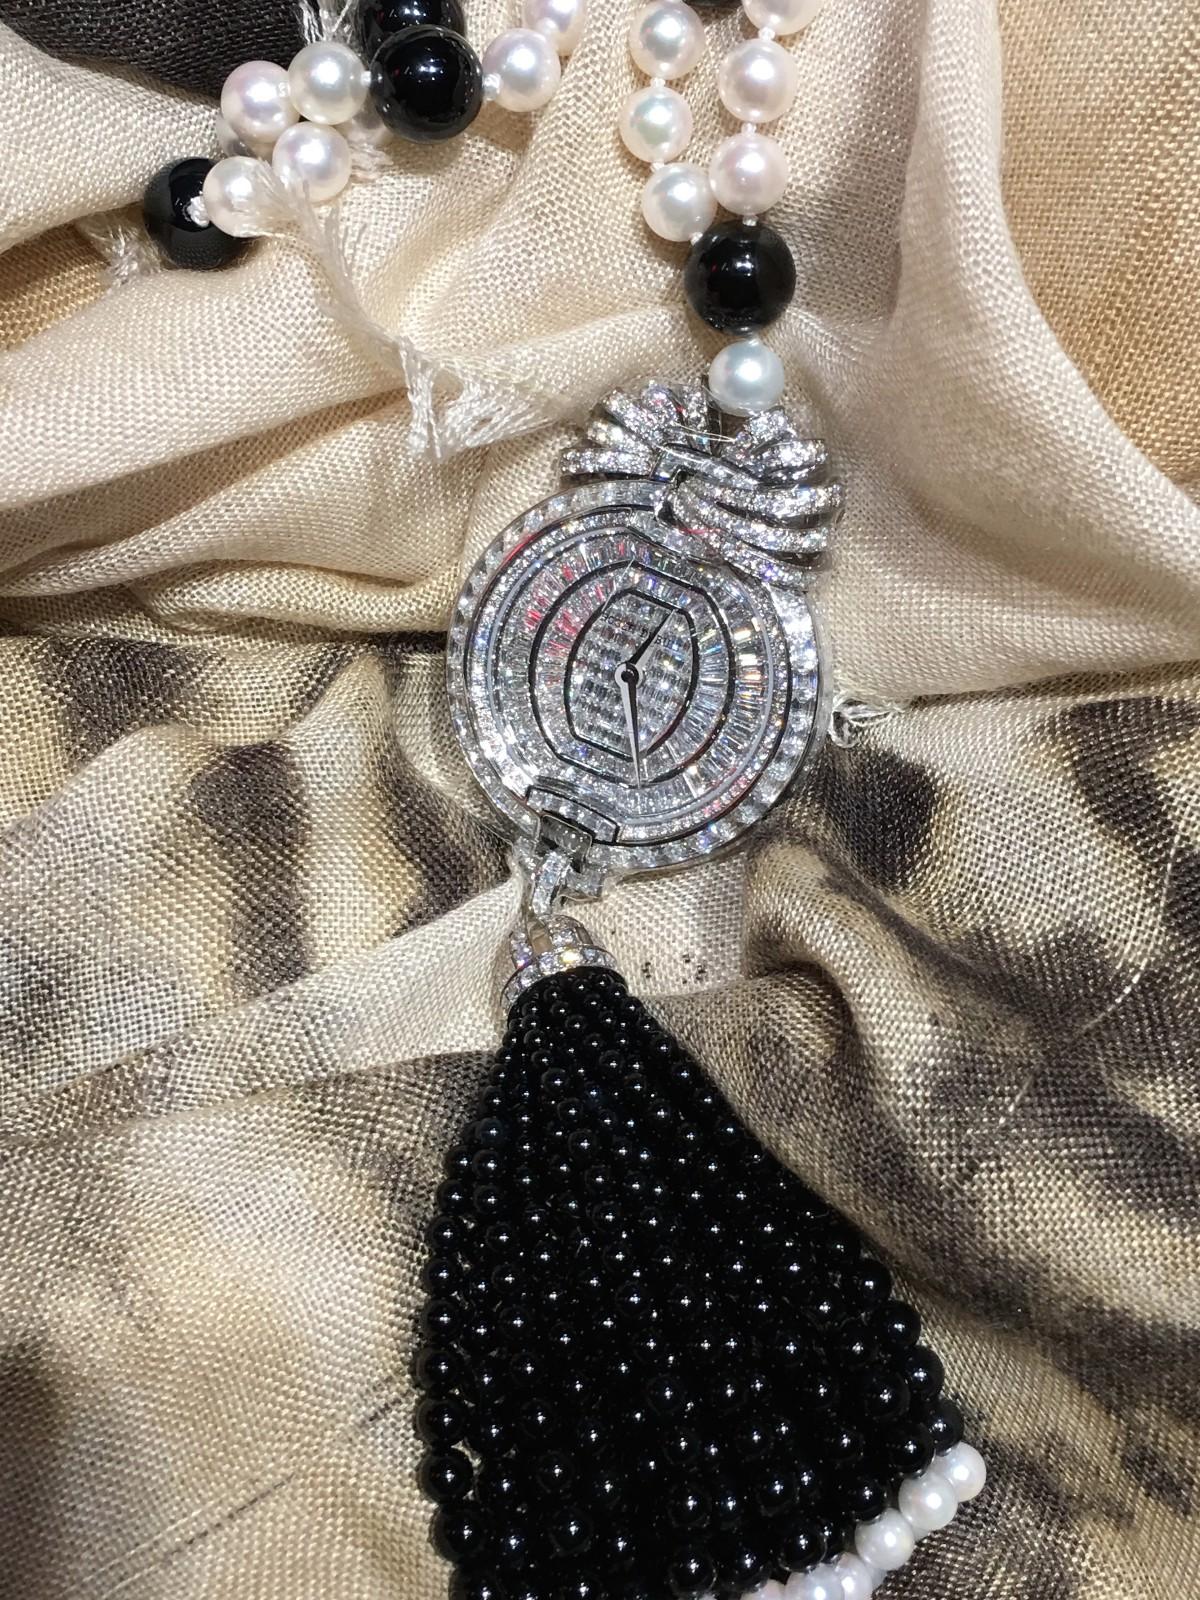 Roger Dubuis Velvet Ribbon necklace watch diamonds black white